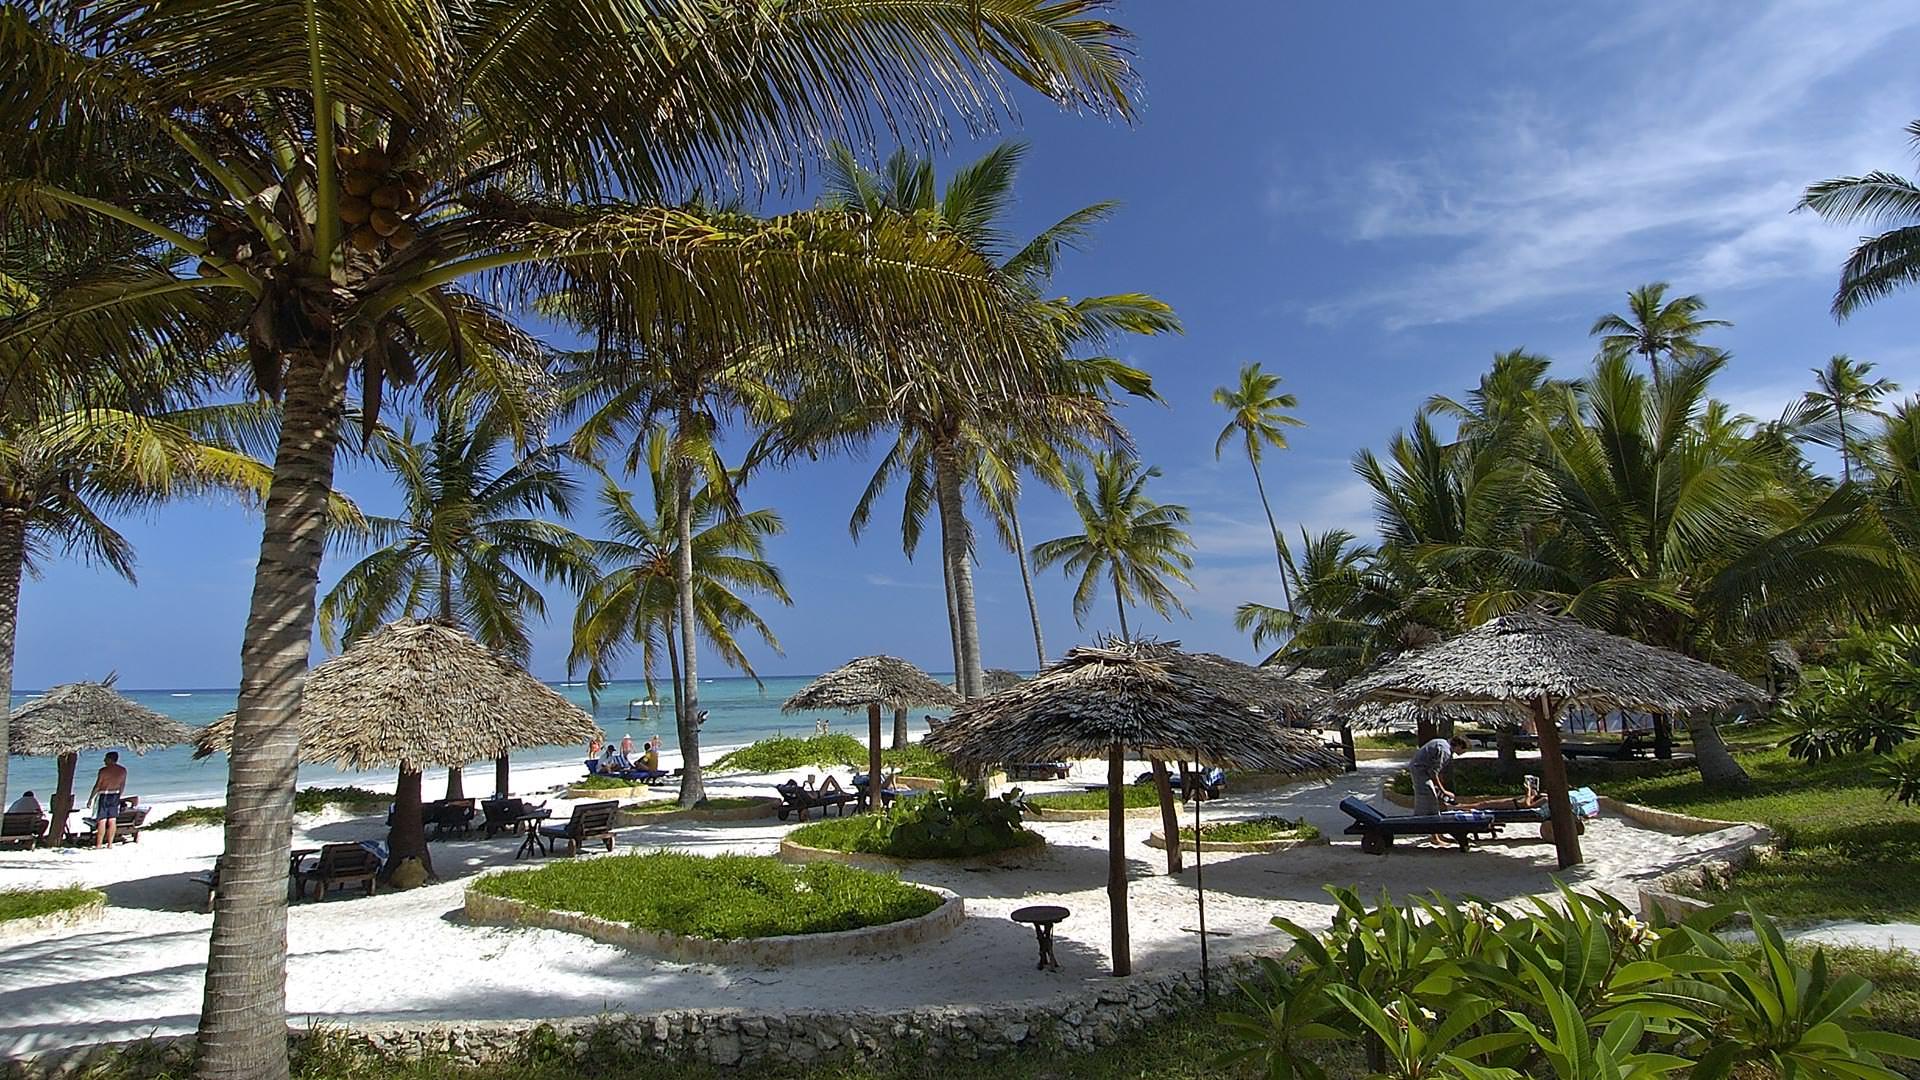 The Beach - Breezes Beach Club and Spa